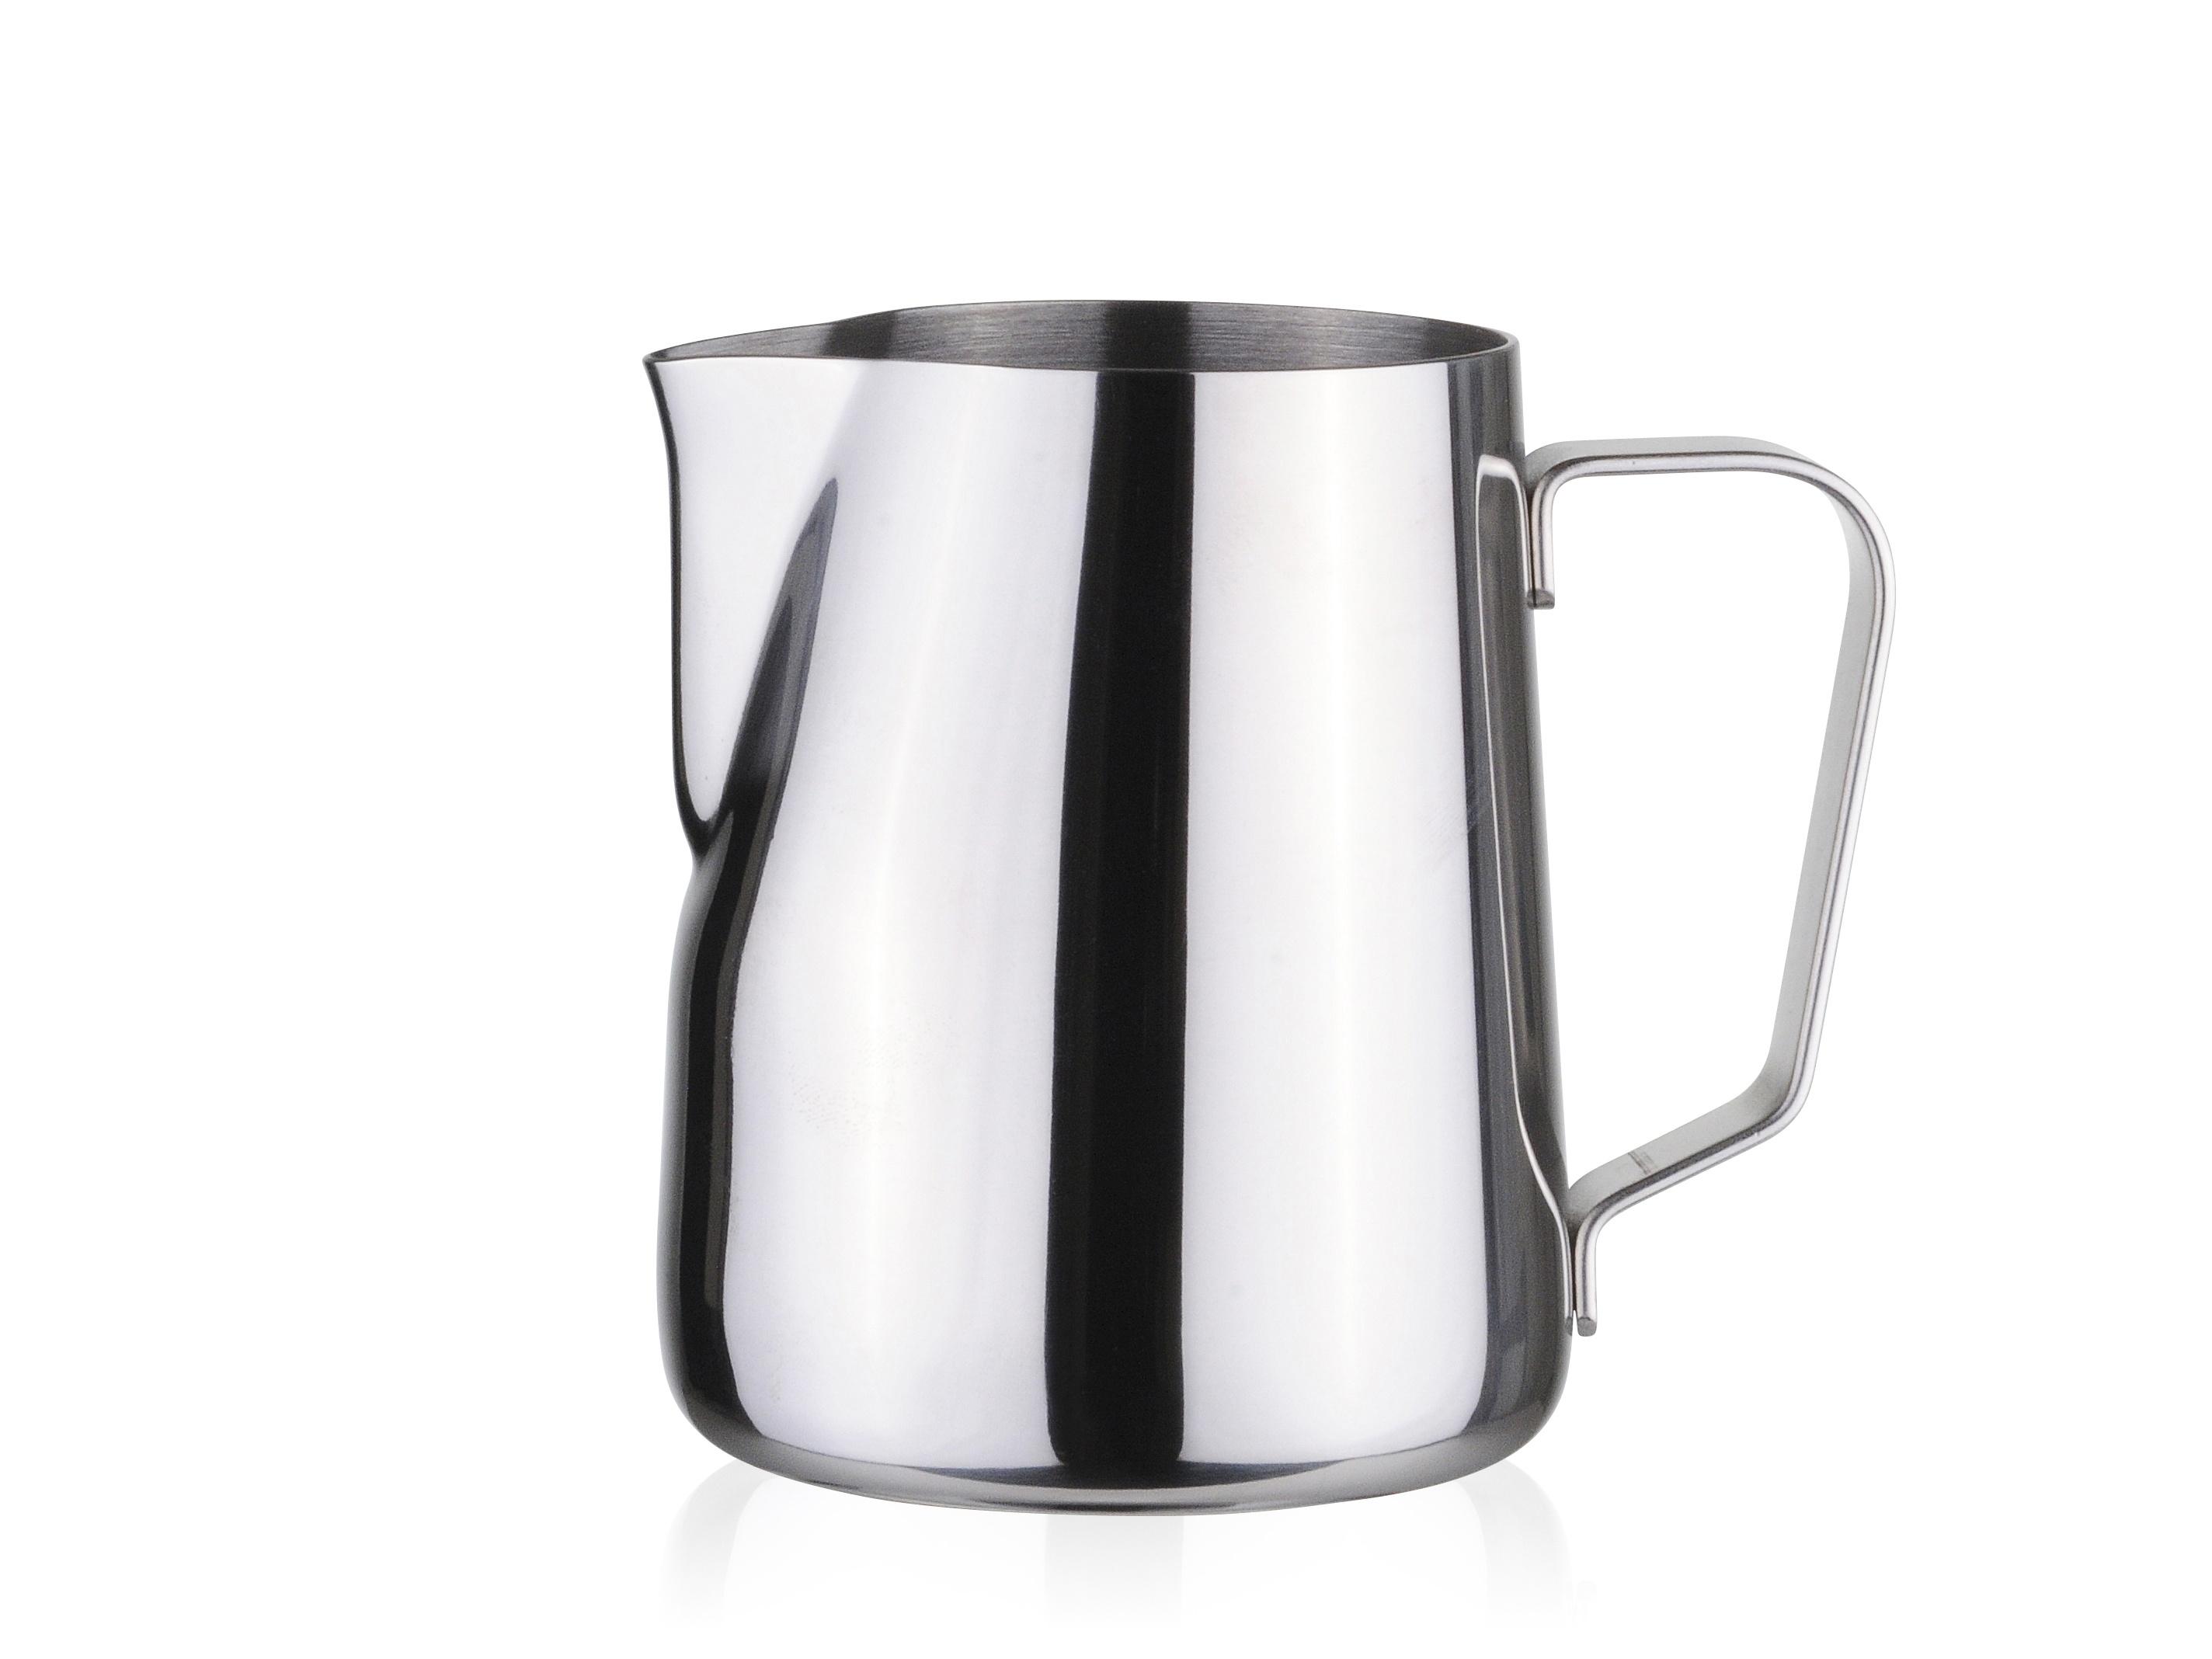 Funktion mælkekande, 350 ml, stål